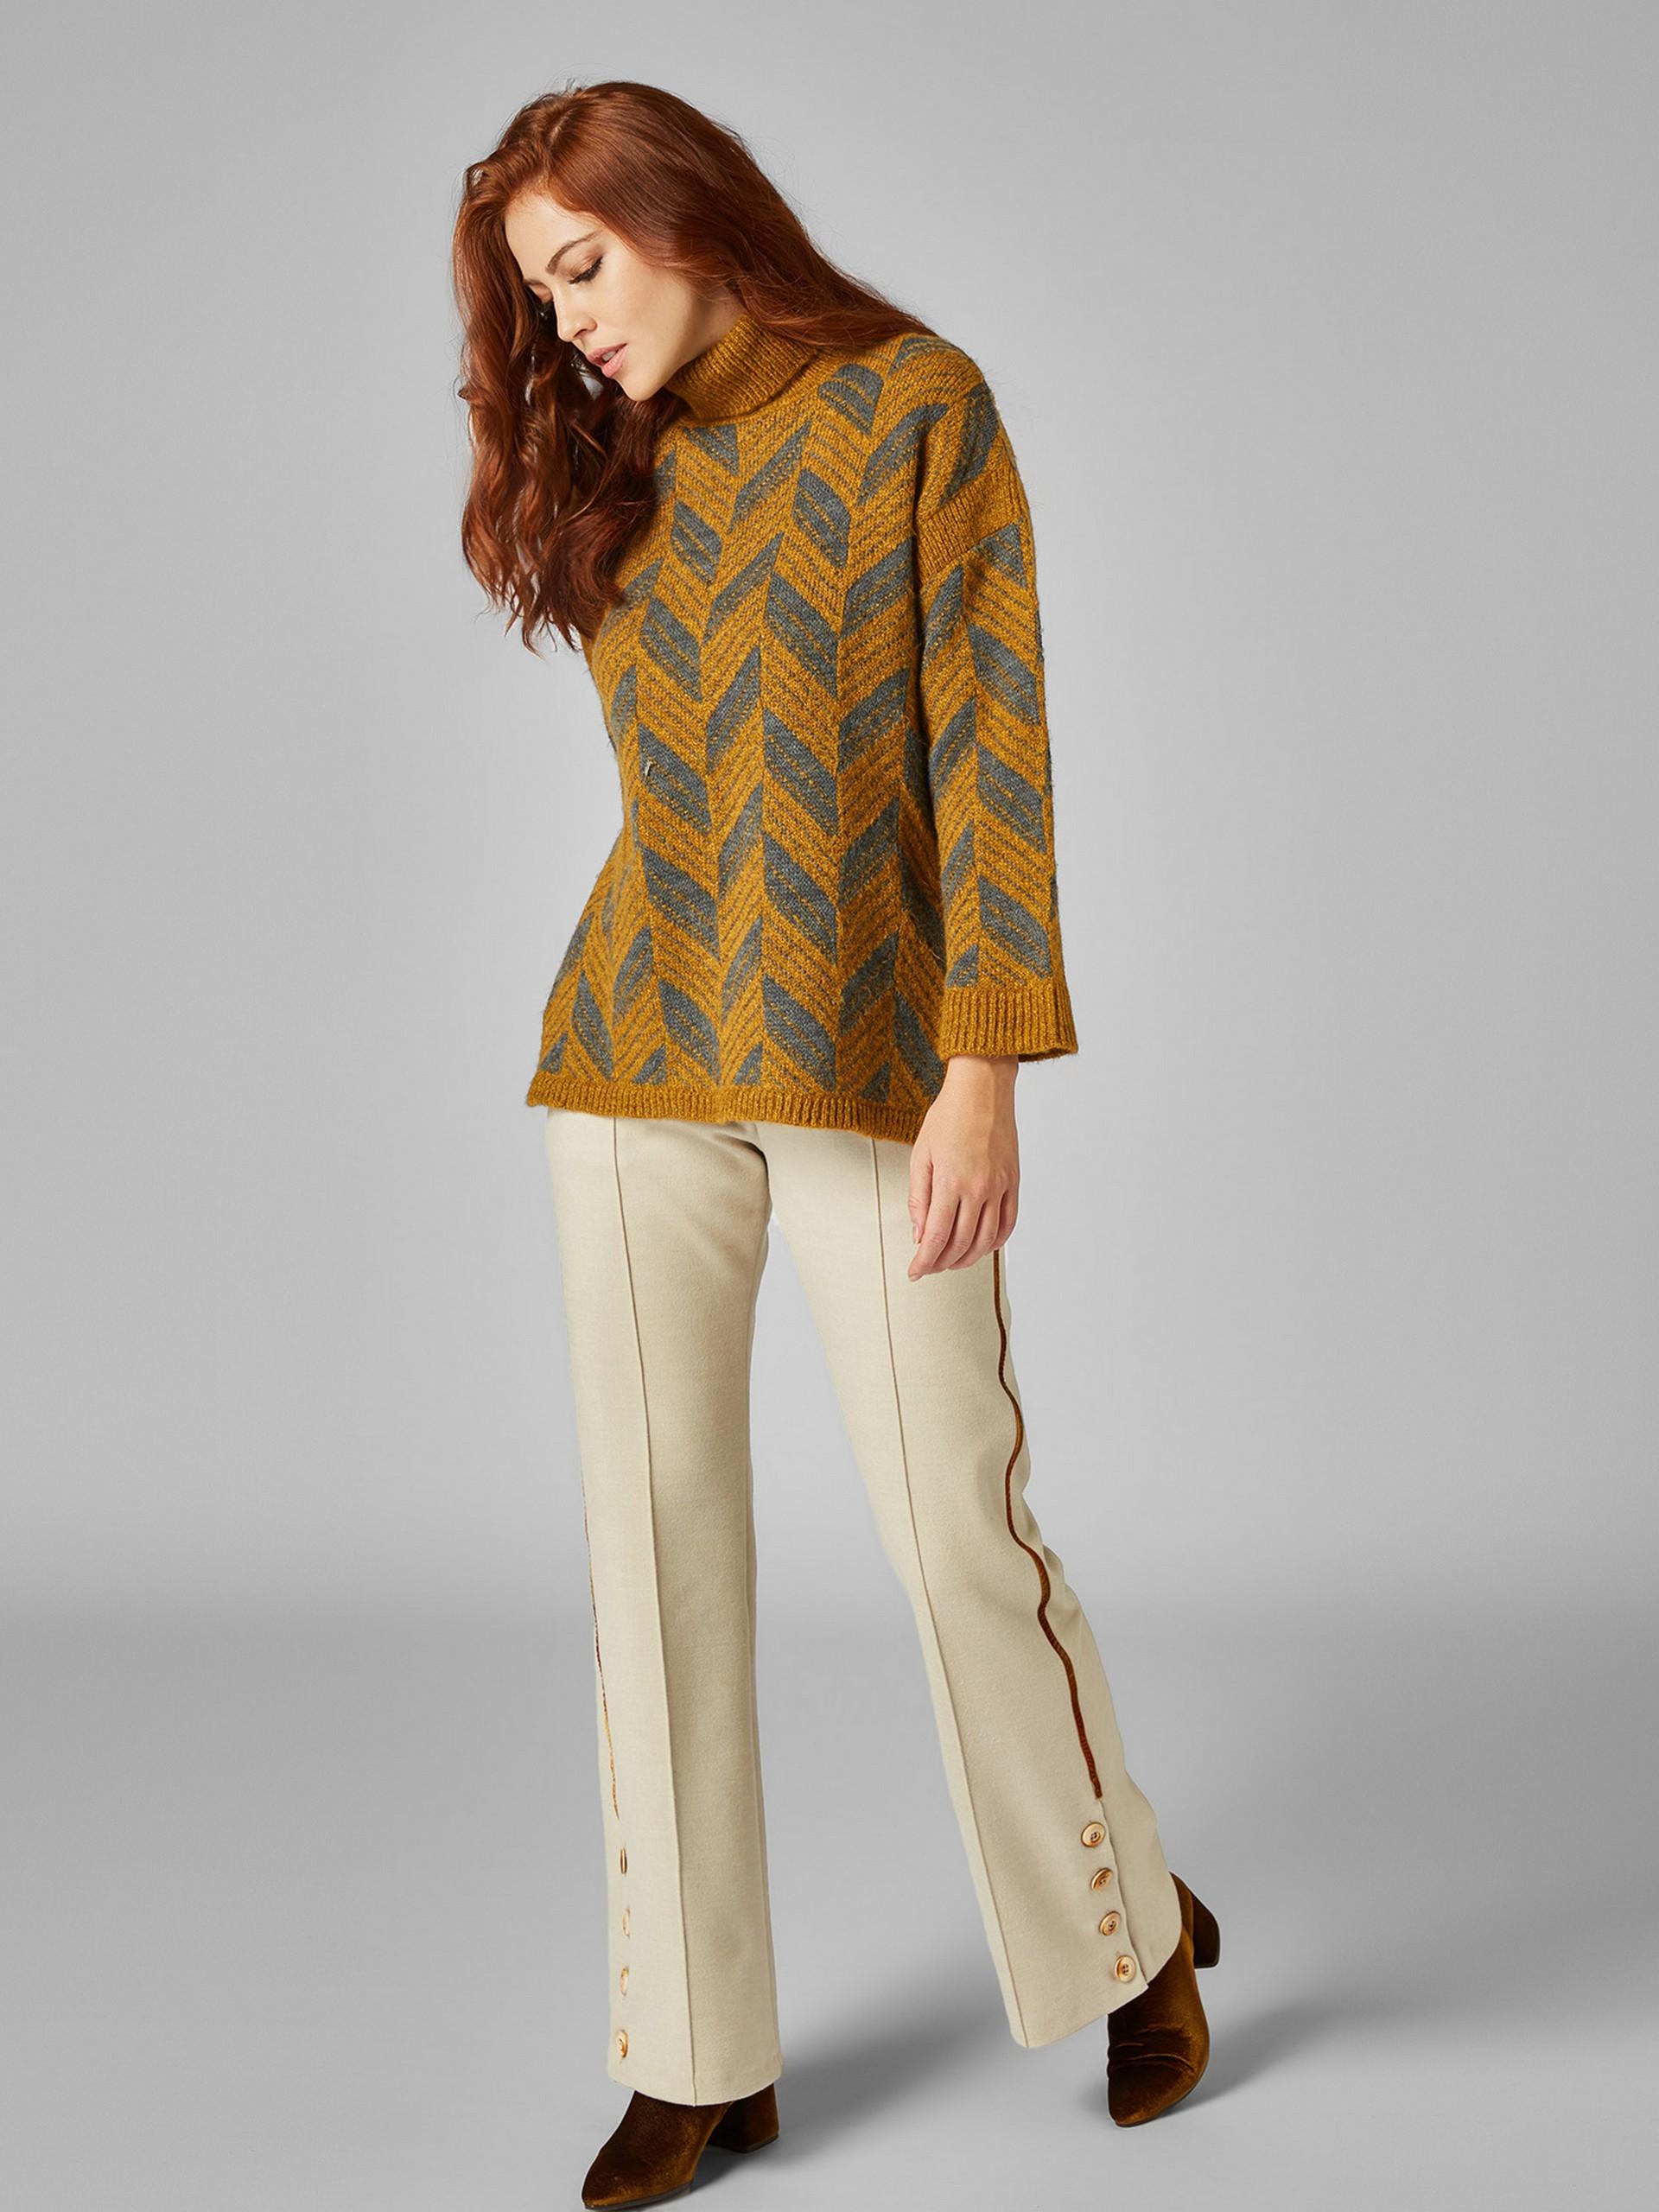 Yanları Şeritli,Paçası Düğme Detaylı Kaşe Pantolon